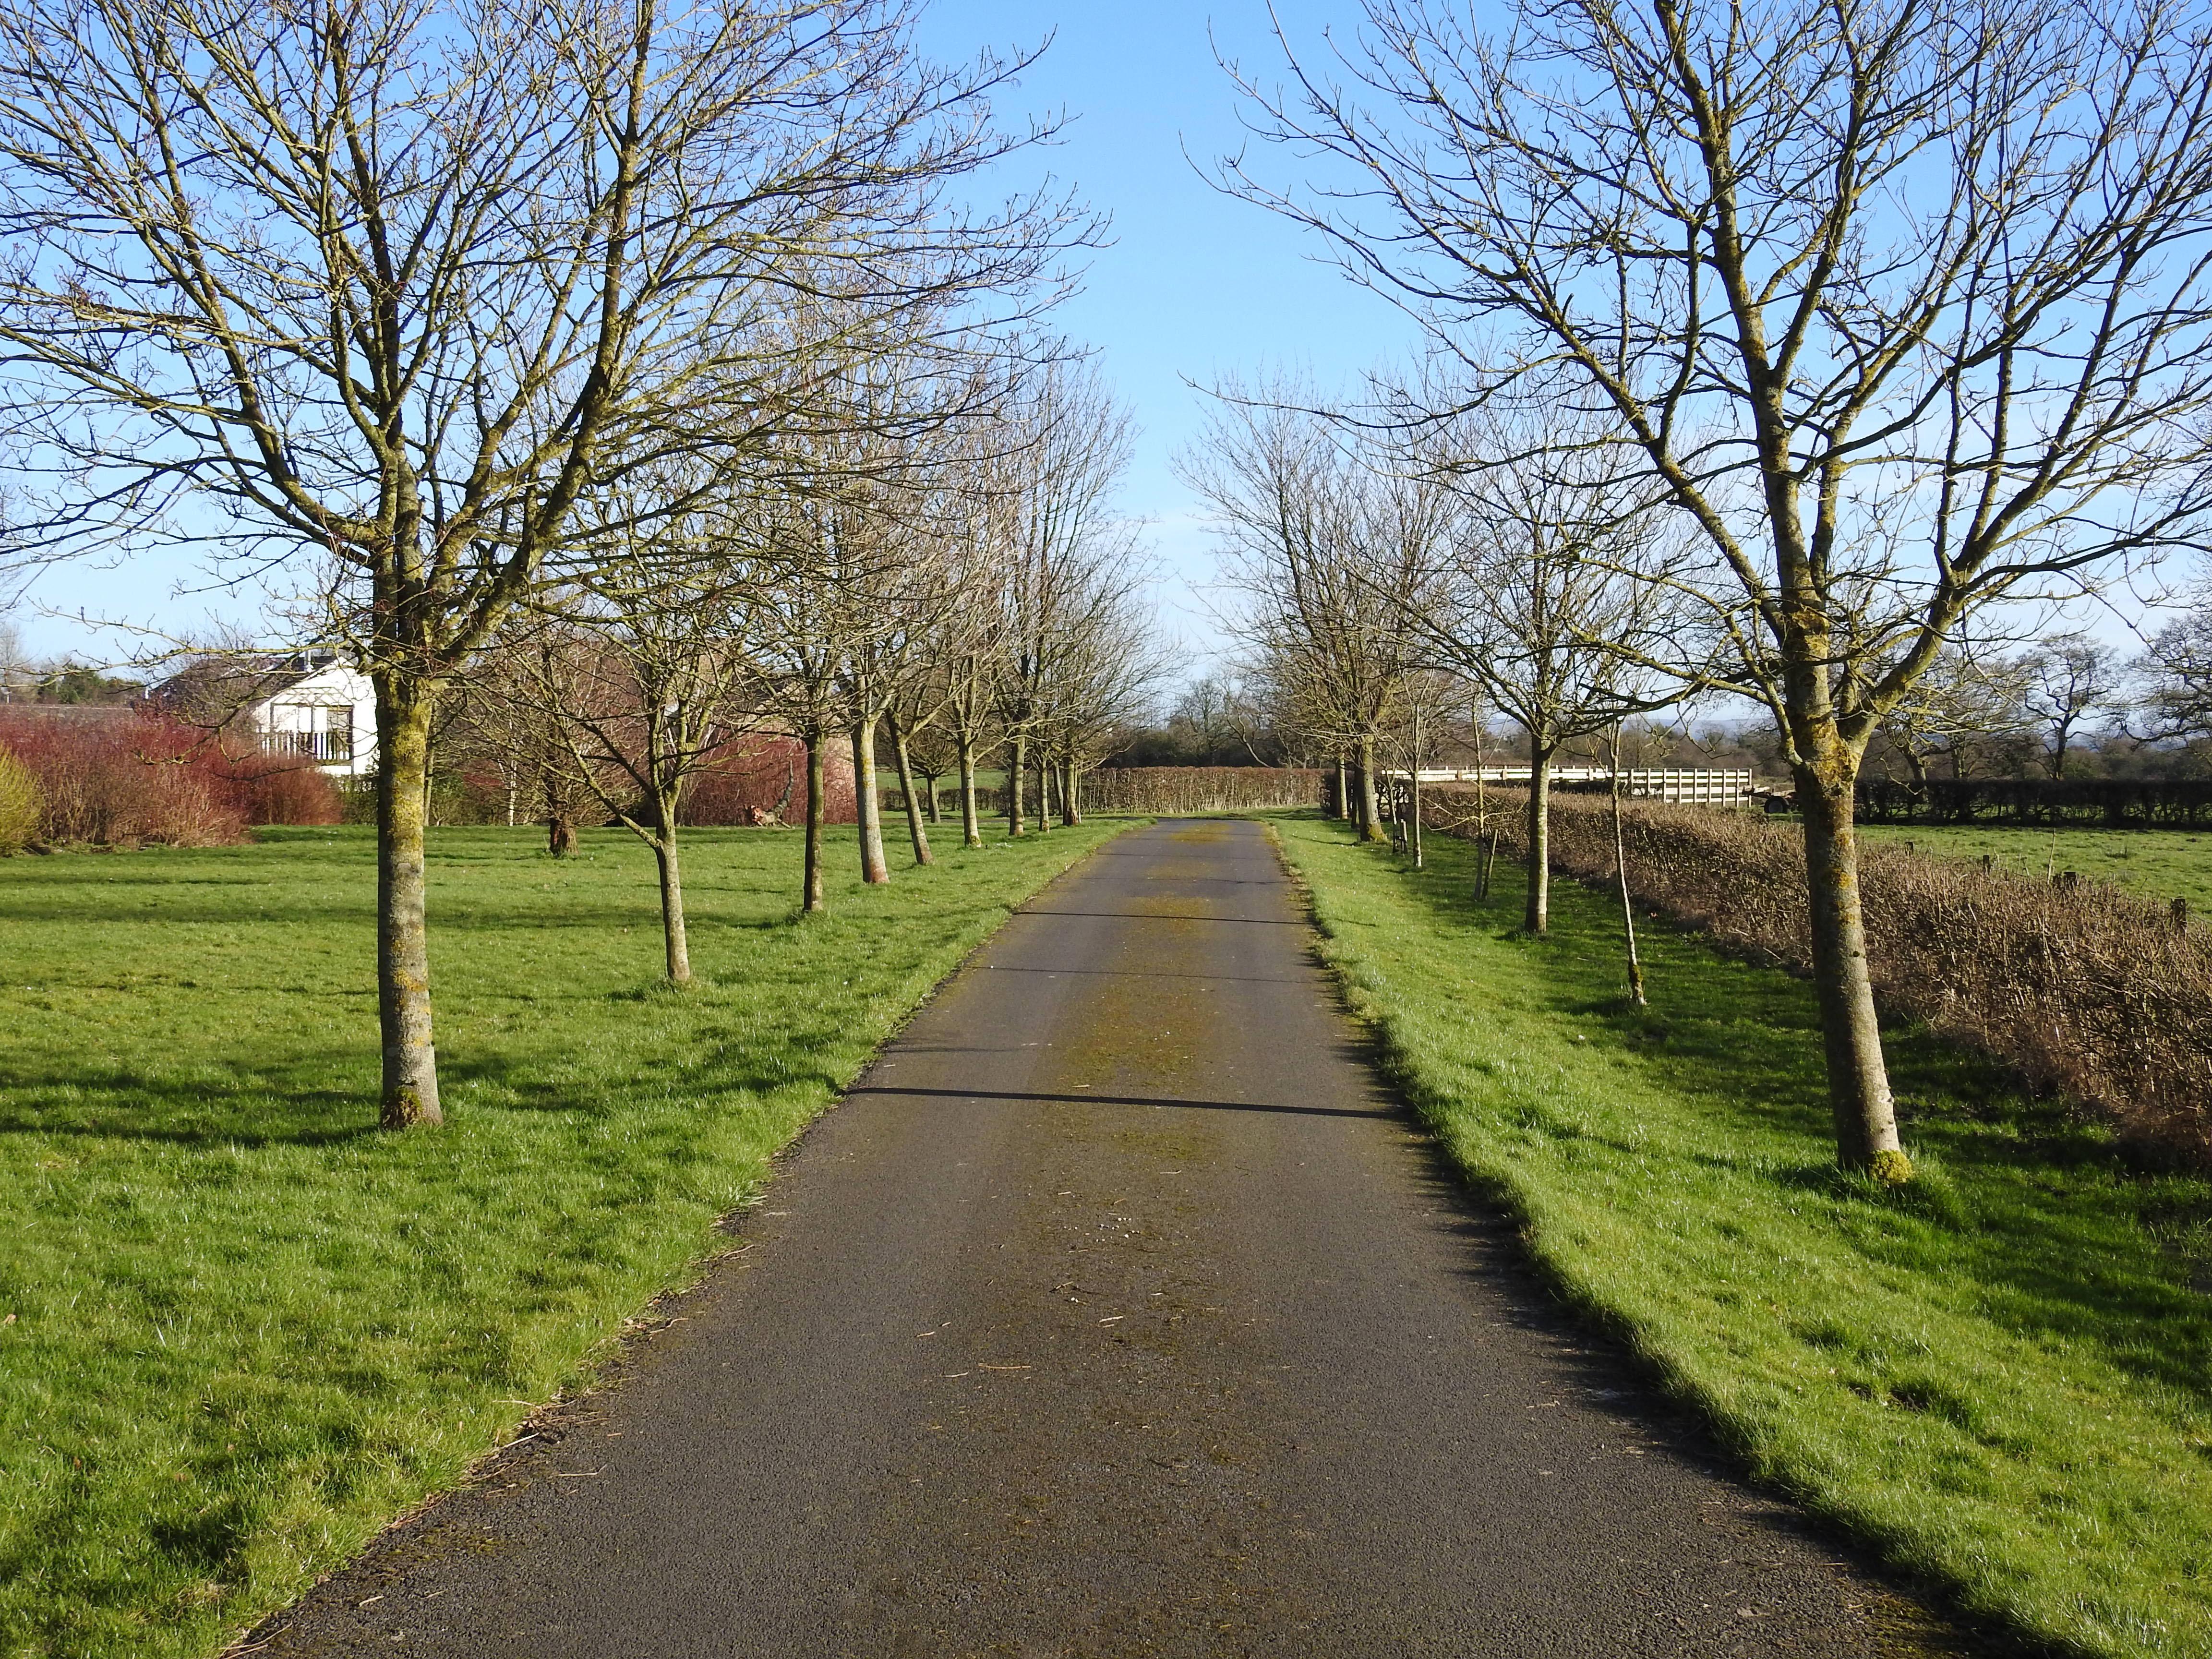 Hintergrundbilder Zitat Frühling Fahrbahn Spur Bäume